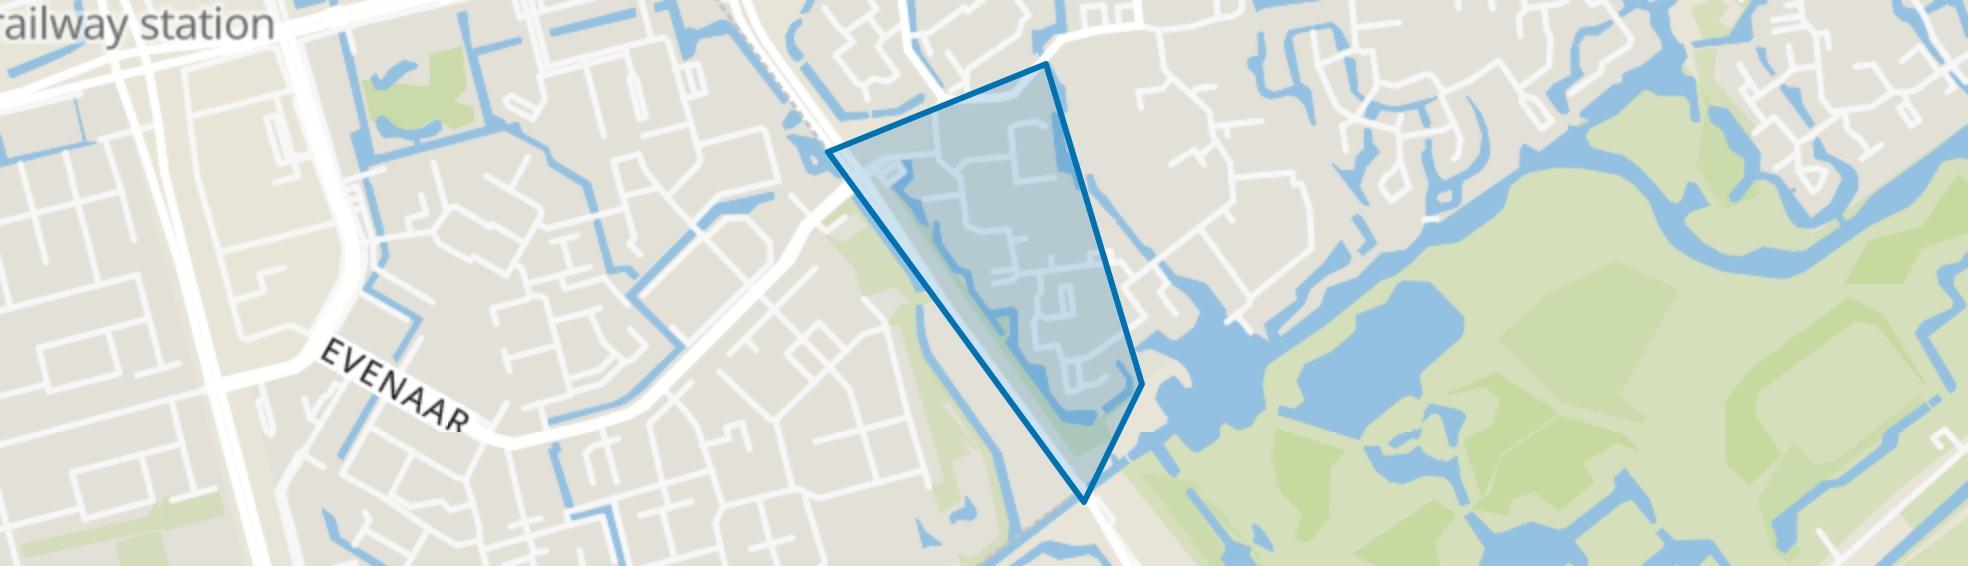 Dansenbuurt-zuid, Capelle aan den IJssel map